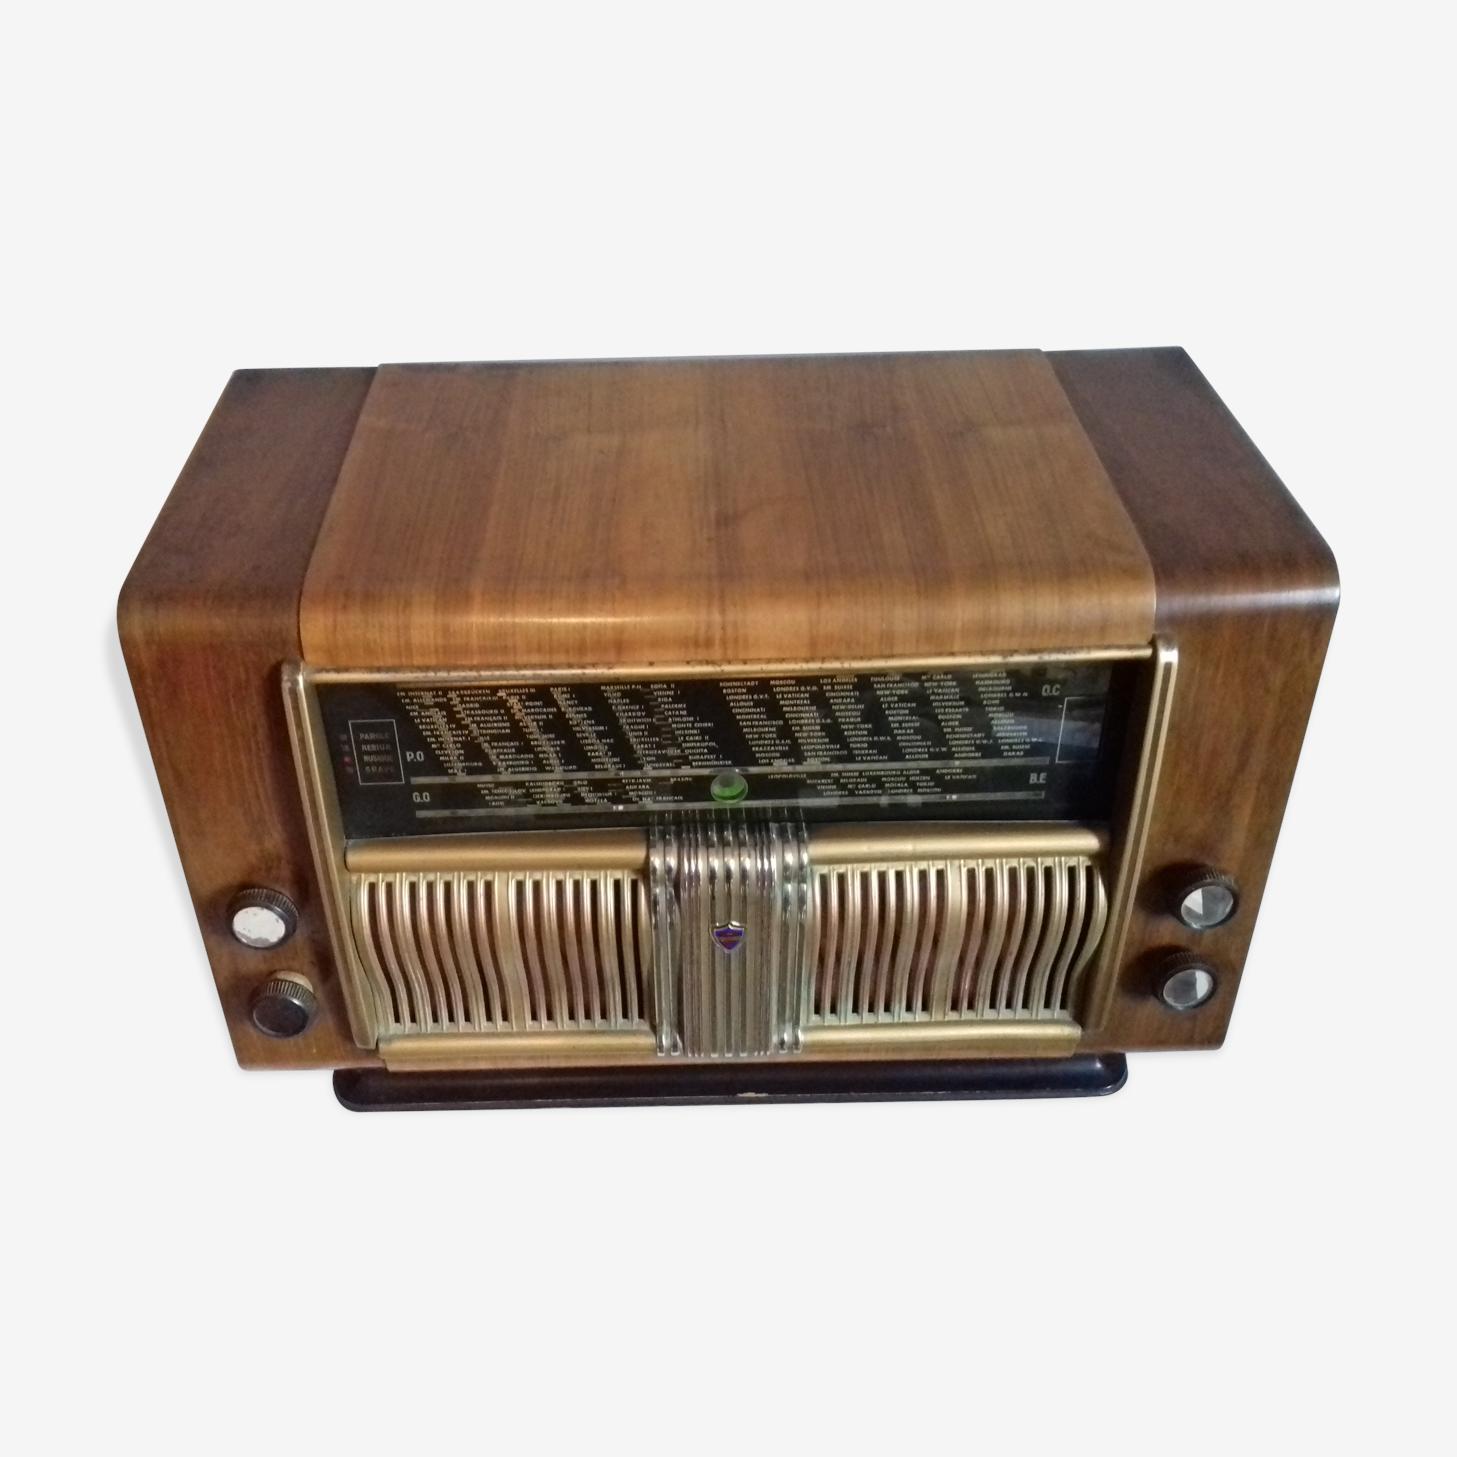 Ancient radio station